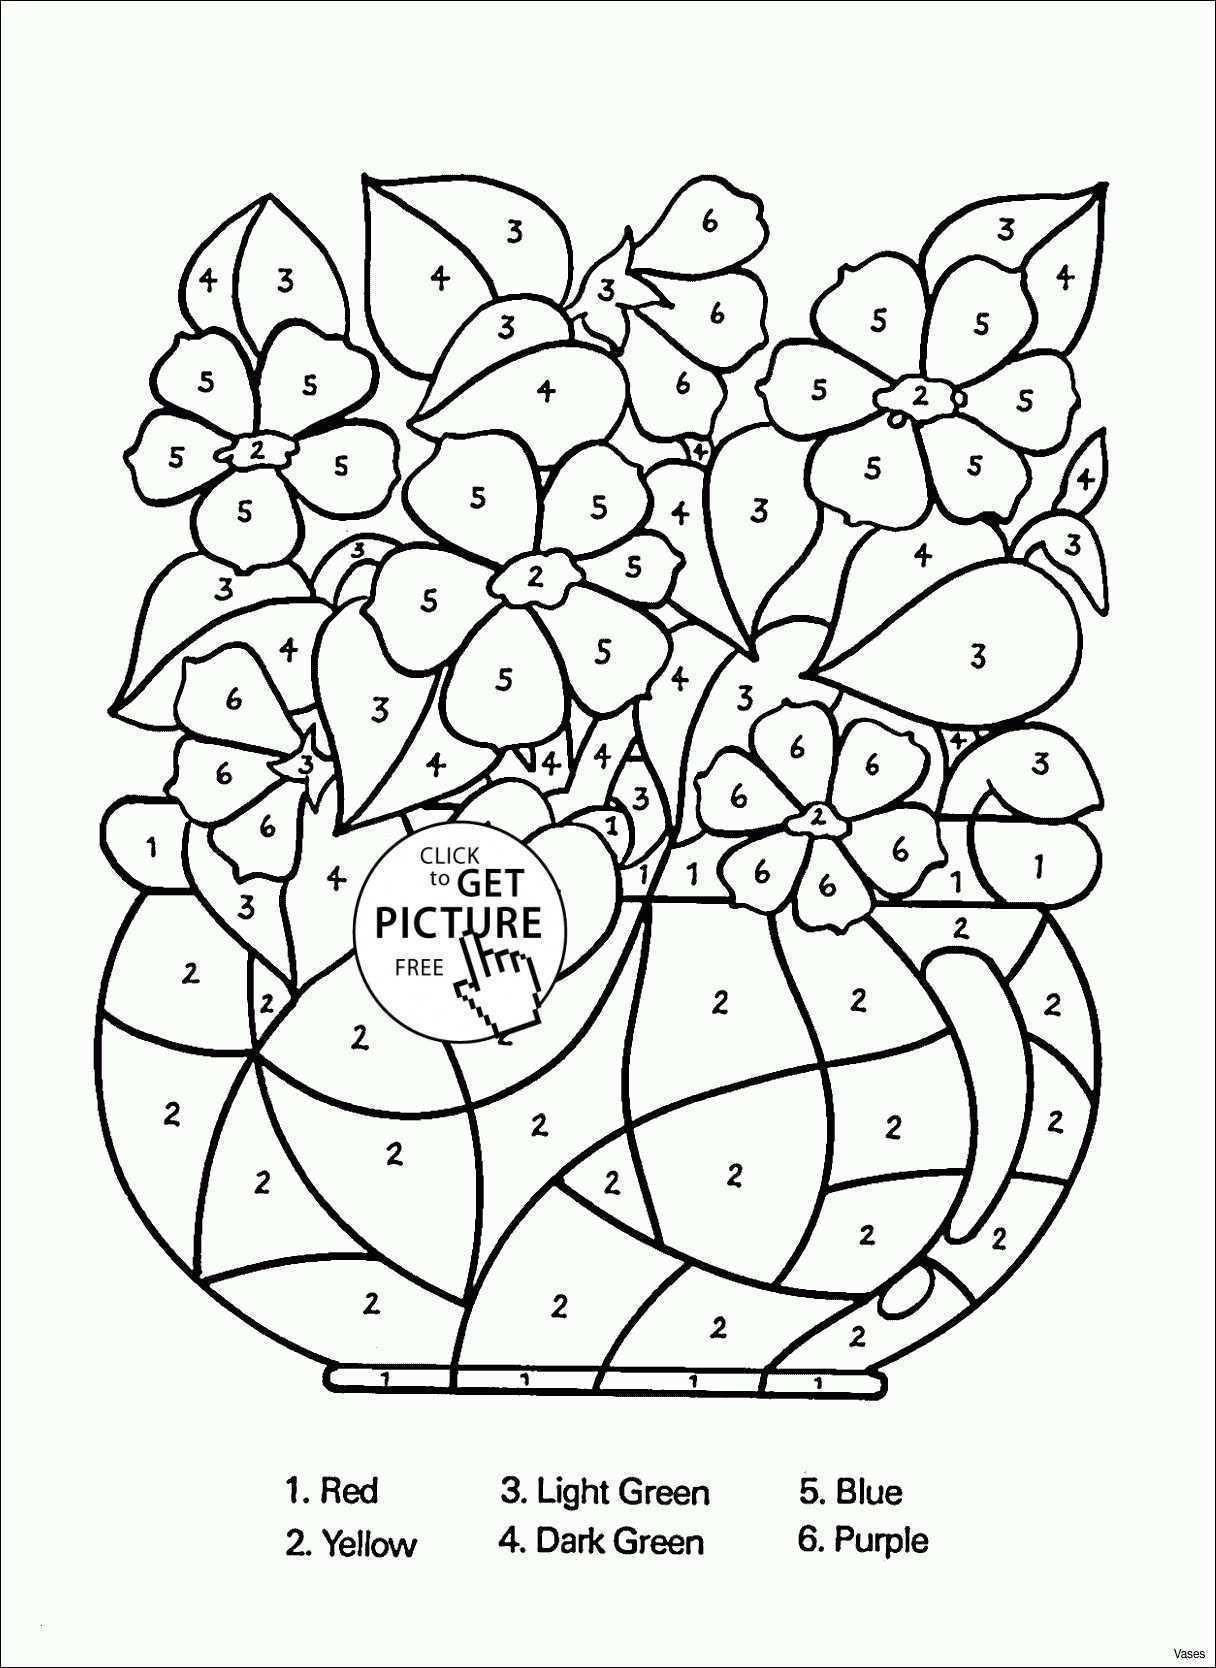 Micky Maus Bilder Zum Ausmalen Inspirierend Micky Maus Zum Ausmalen Vorstellung 37 Mickey Maus Ausmalbilder Sammlung